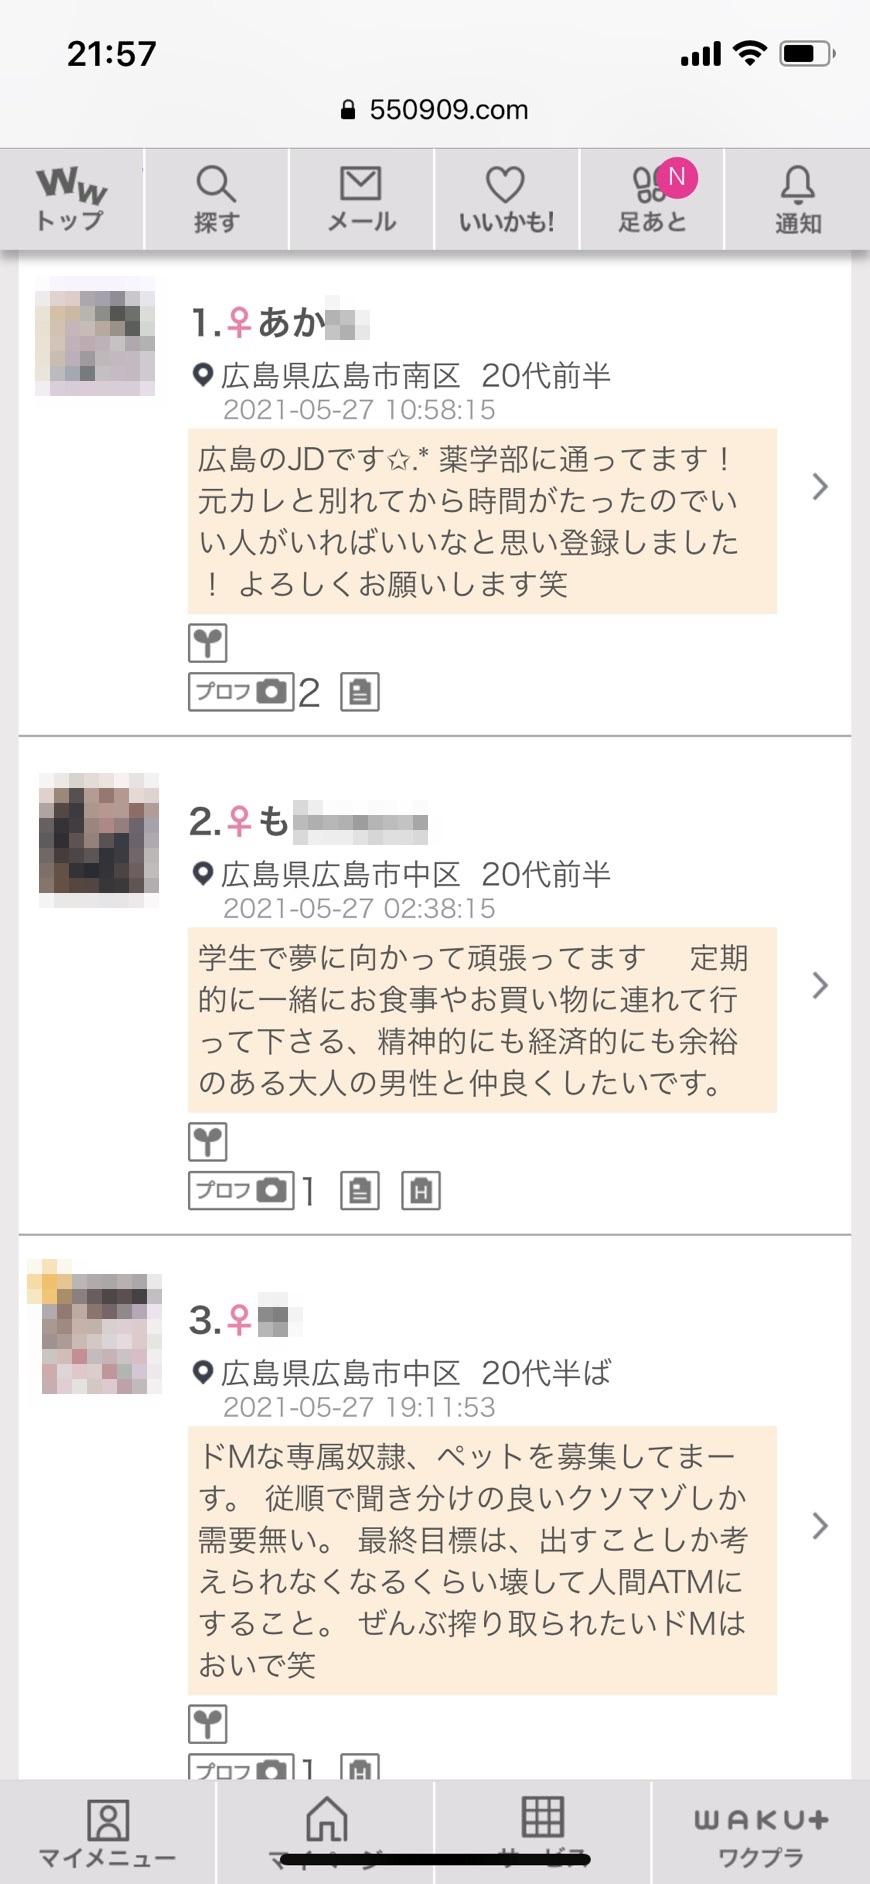 広島割り切り出会い掲示板(ワクワクメール)